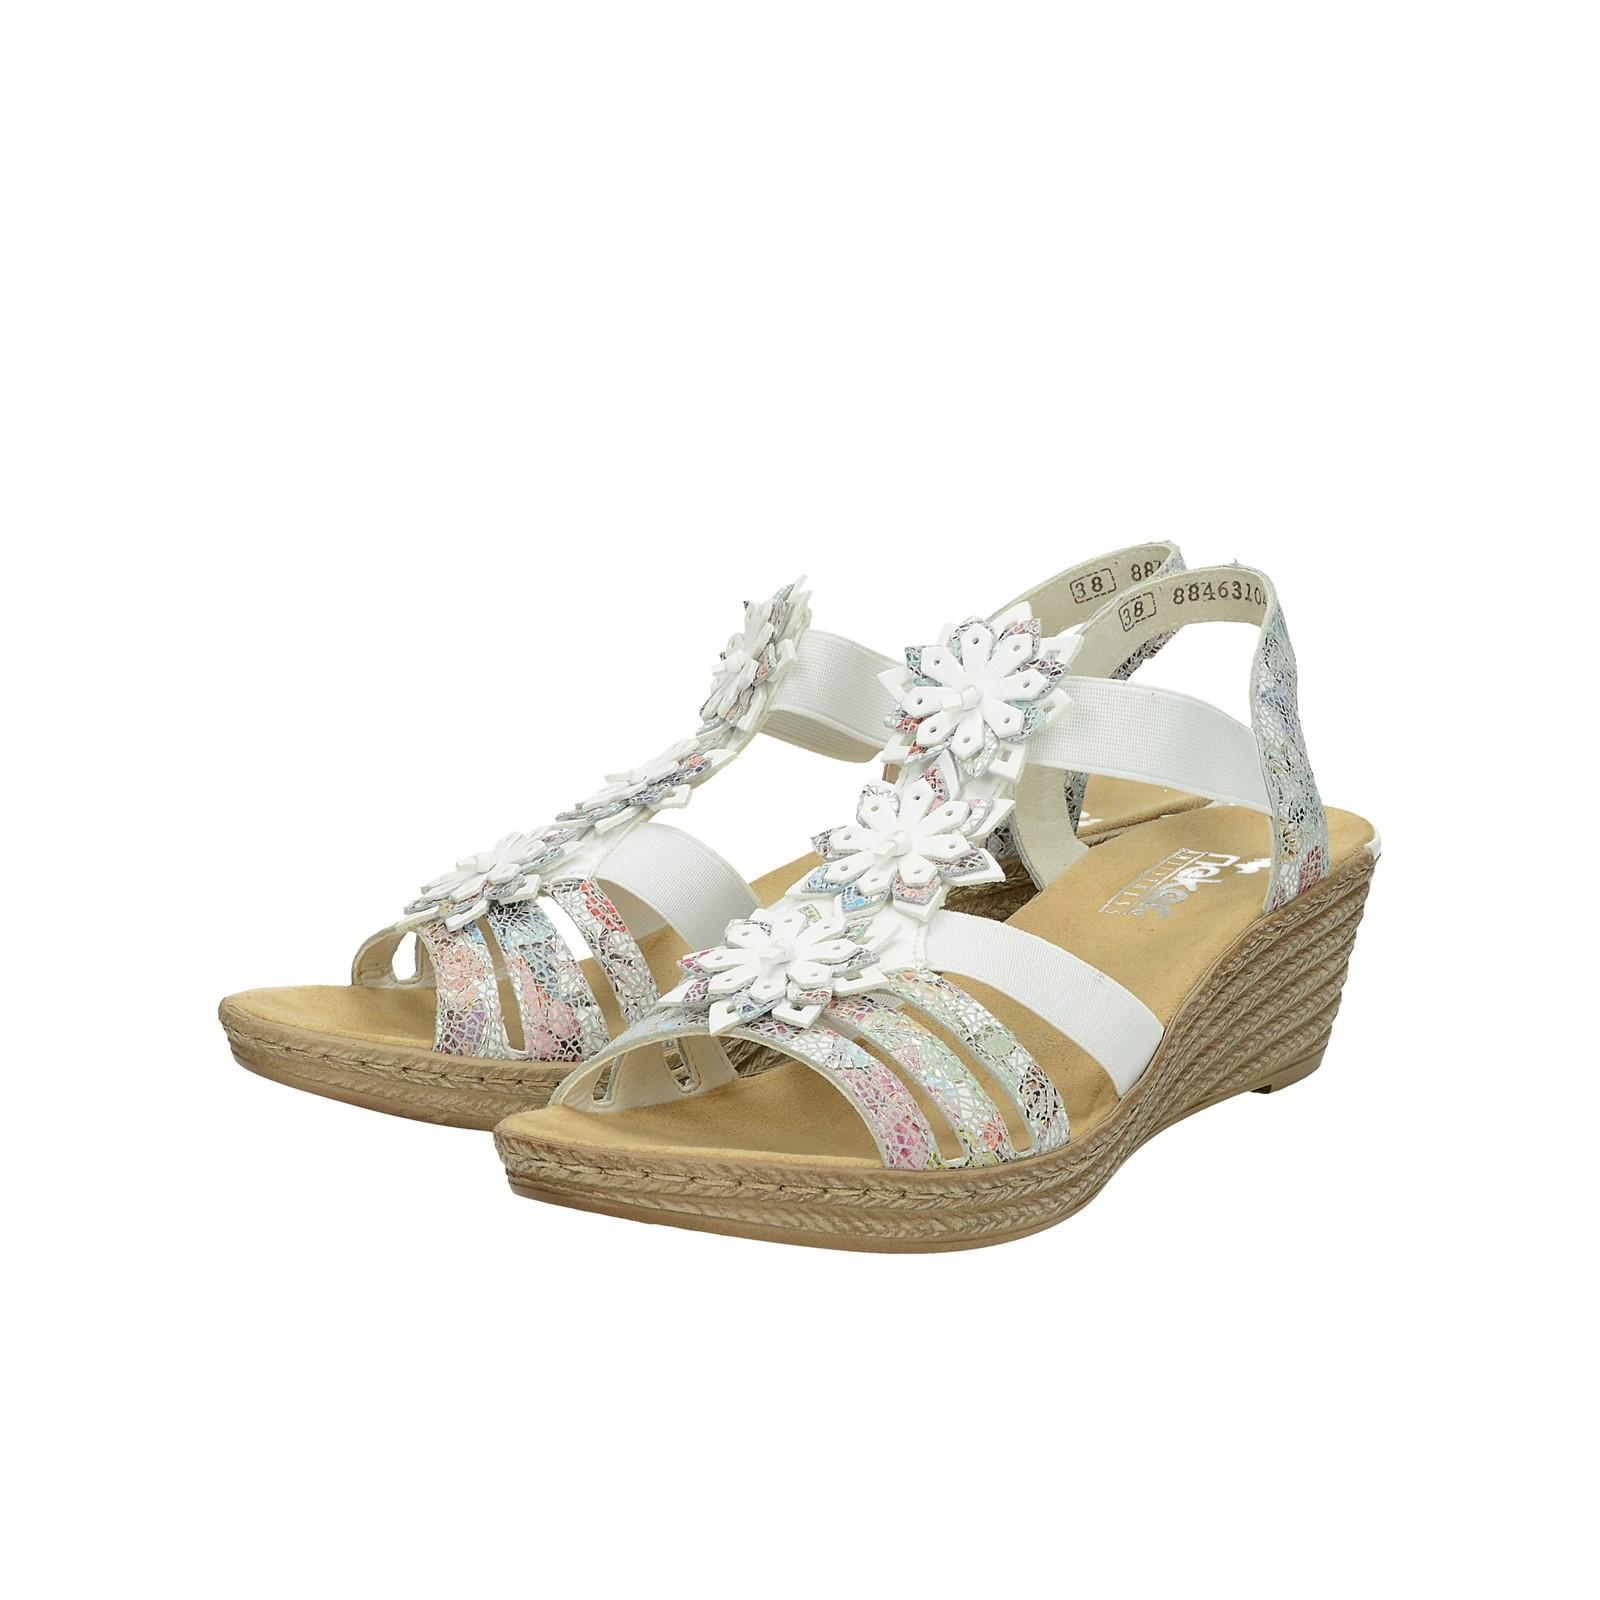 d60926290bf3 Rieker dámske štýlové sandále - biele ...